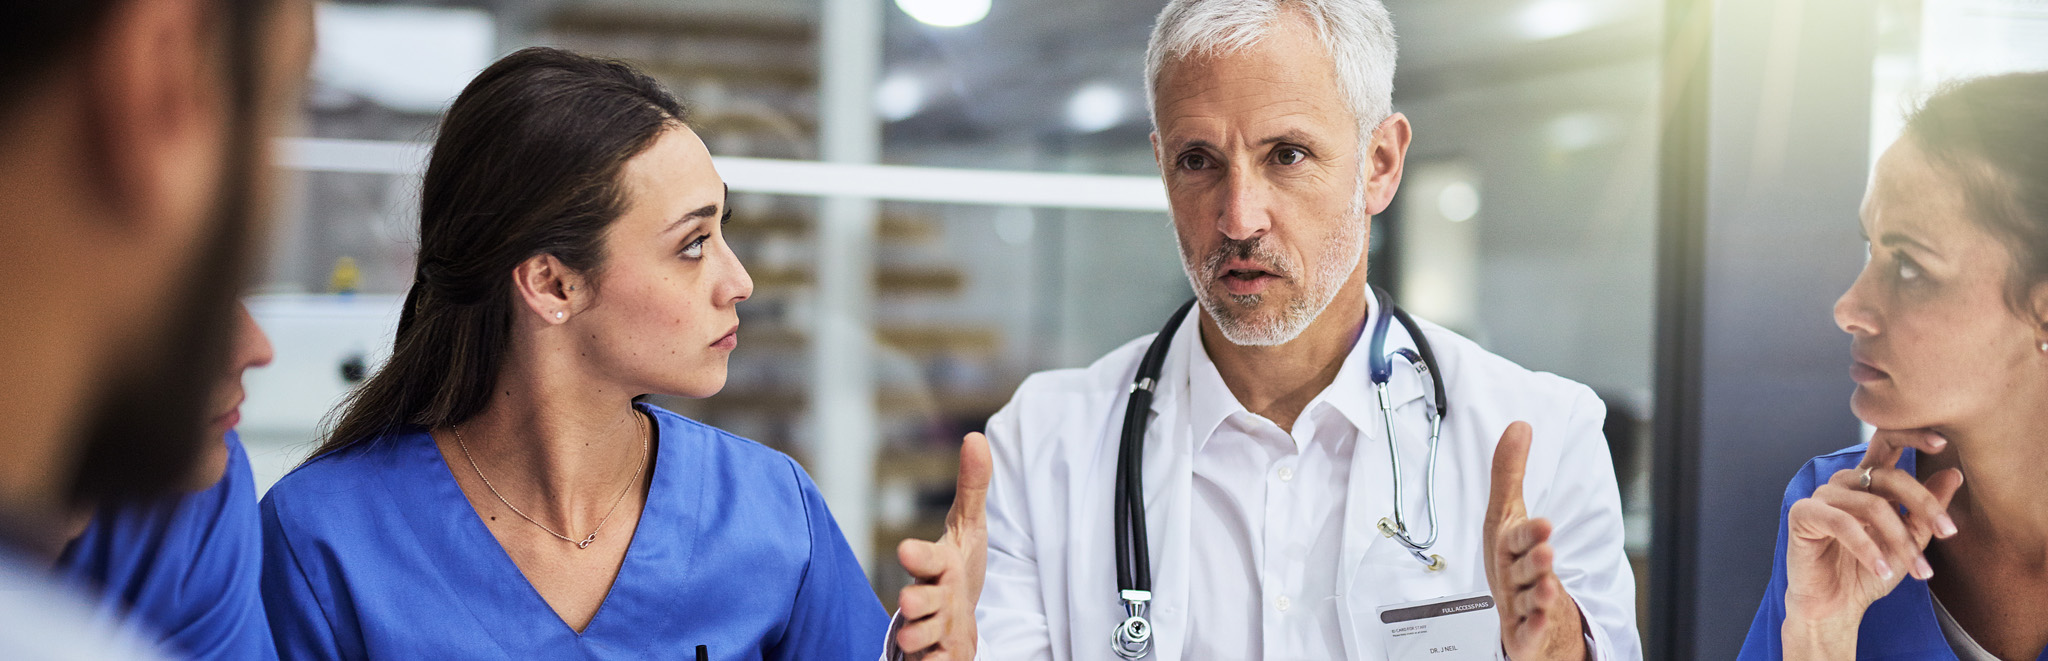 Steuerberatung für Gesundheitswesen